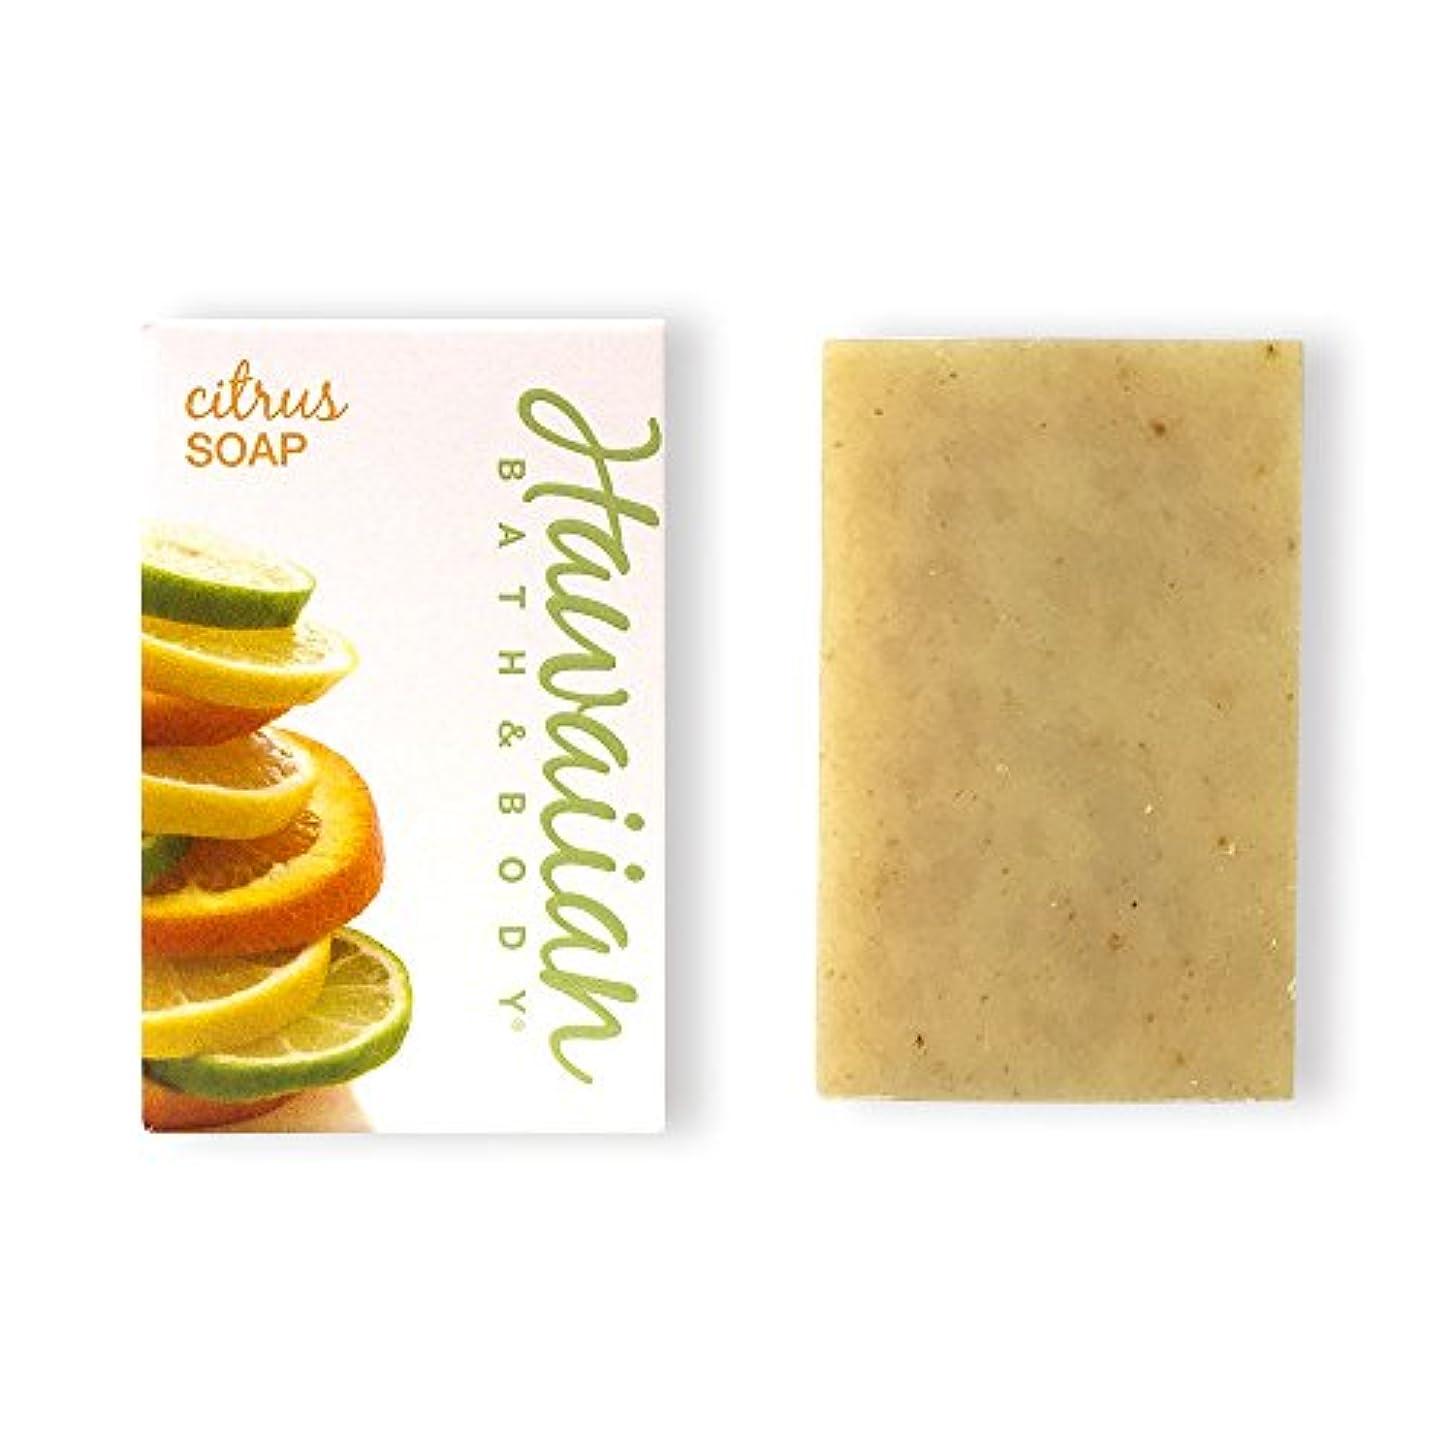 アスレチックマイルド逸脱ハワイアンバス&ボディ ハワイアン?シトラスソープ( Citrus Soap )